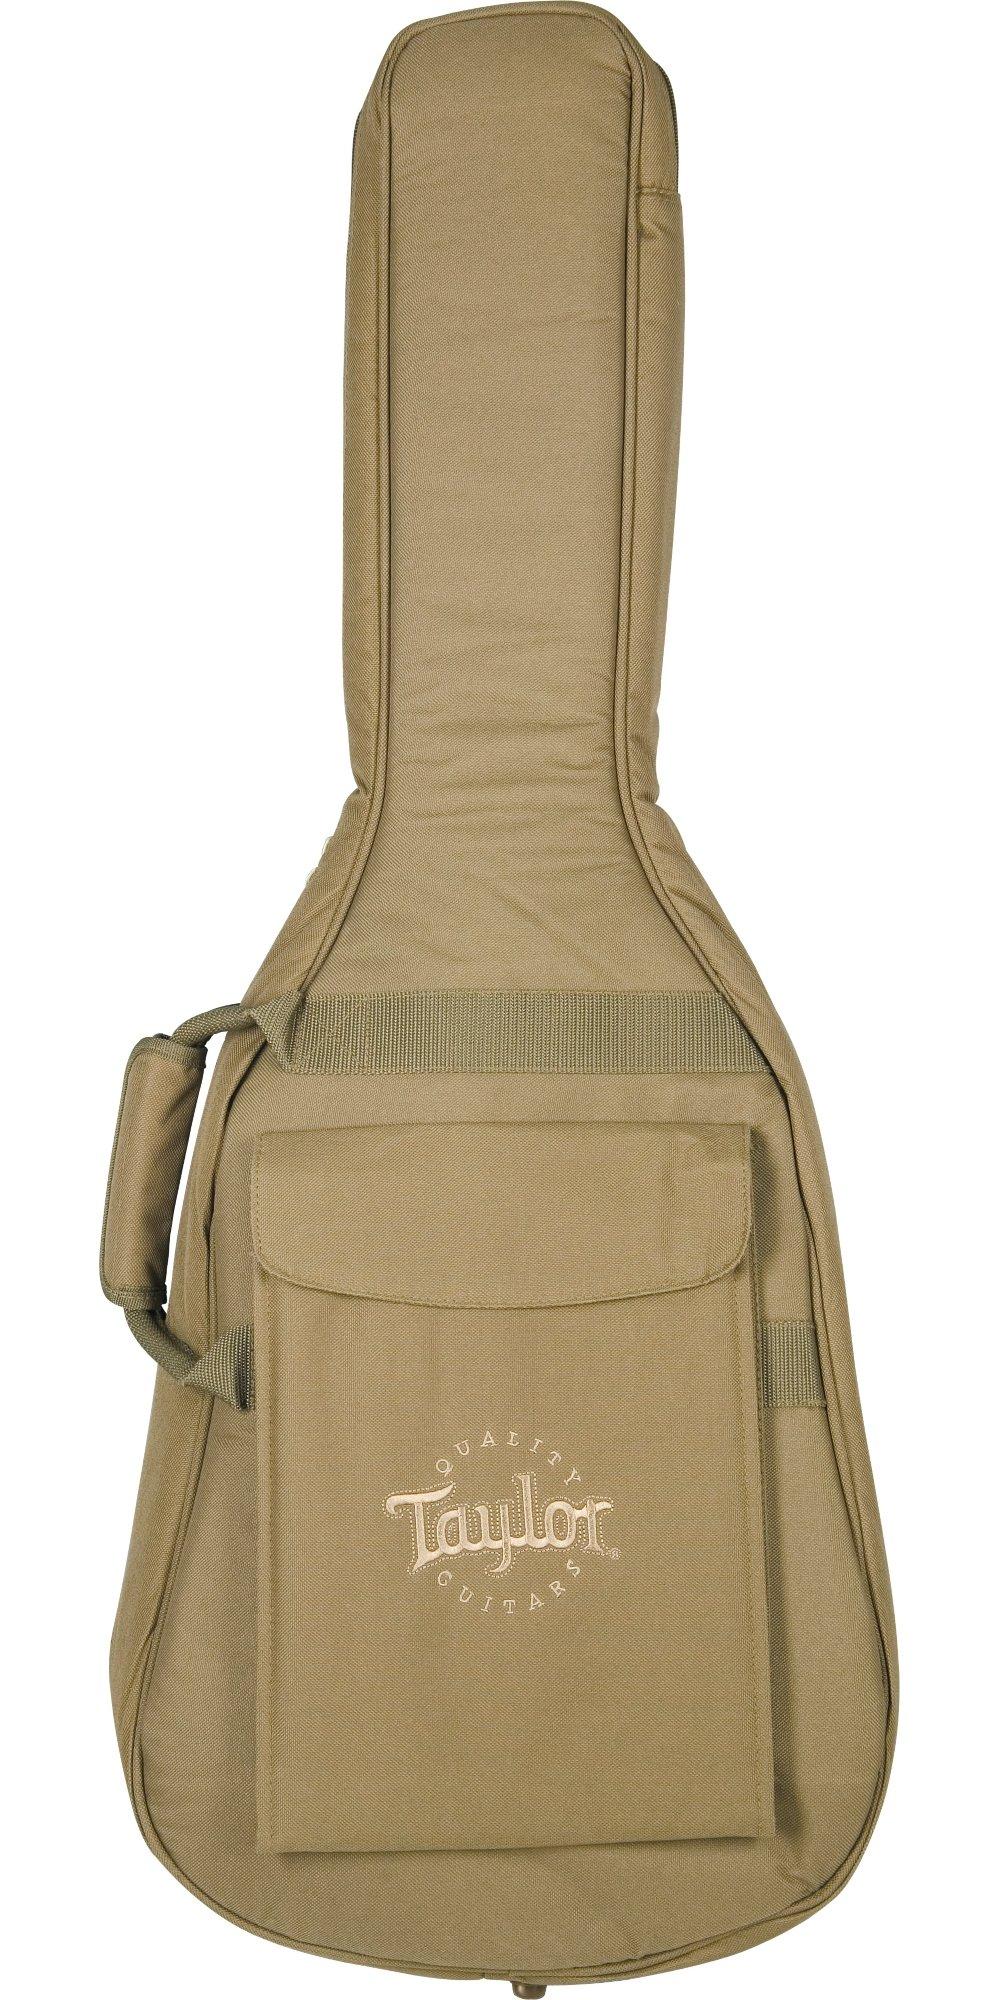 Taylor Guitars Baby Gig Bag, Tan by Taylor Guitars